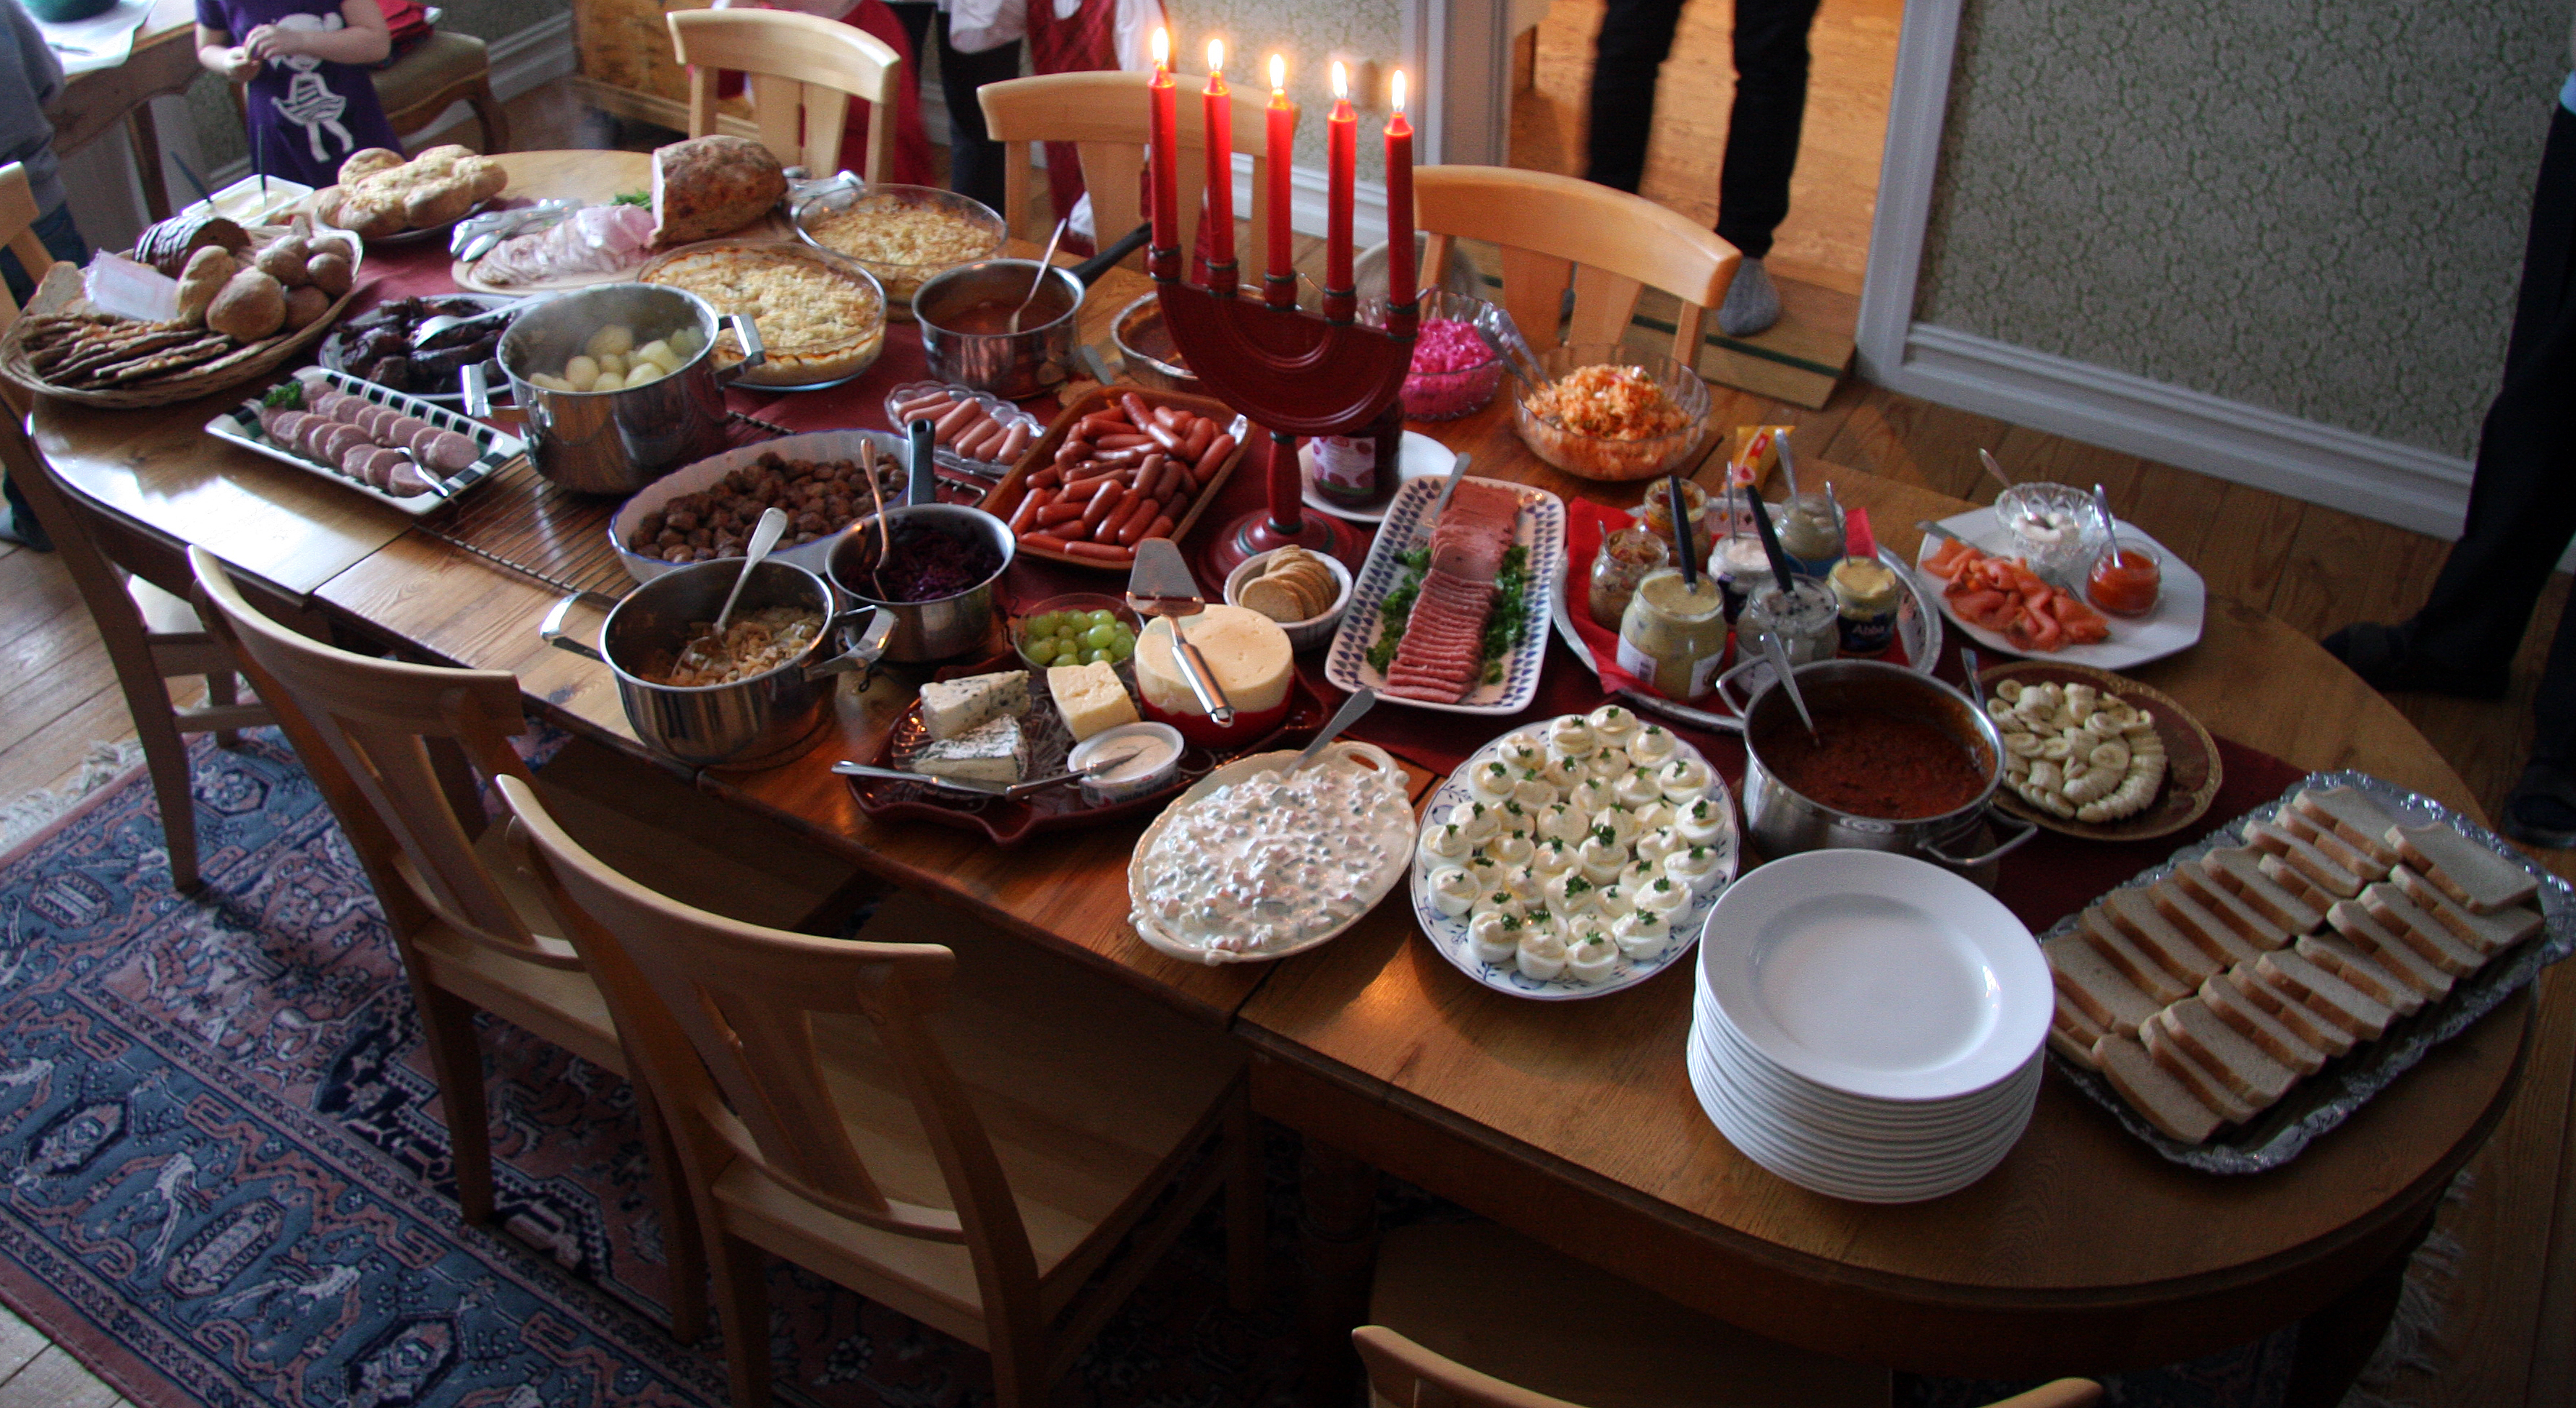 Cenas de Nochebuena (y comidas de Navidad) a lo largo y ancho de Europa 1